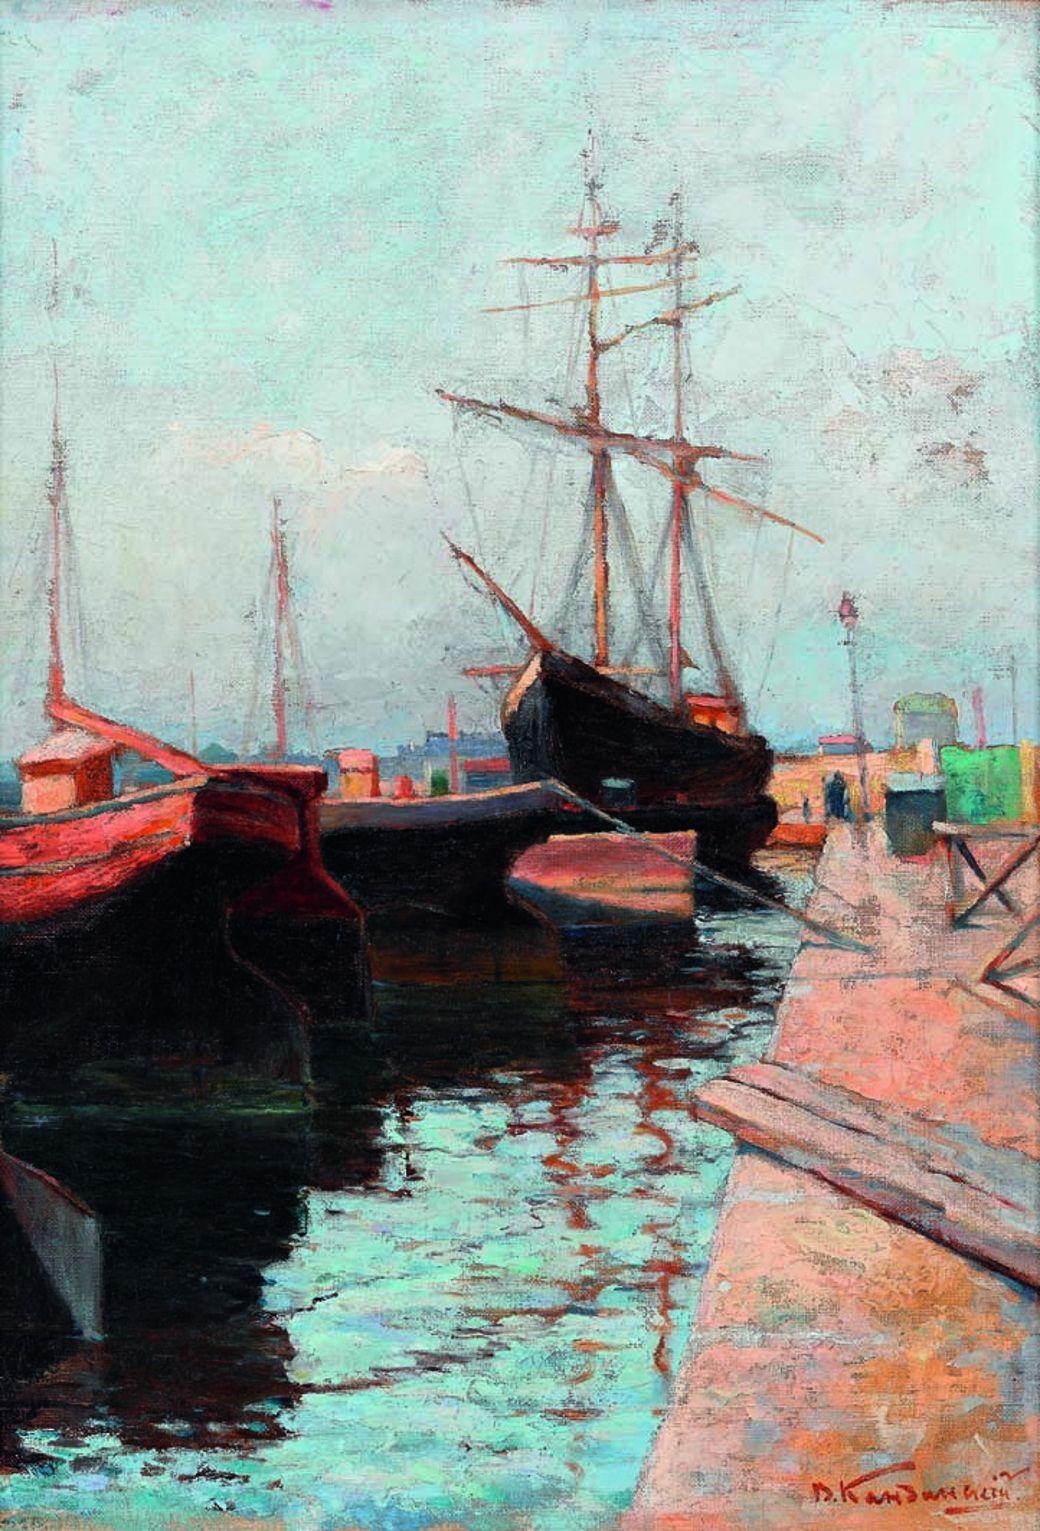 hafen von odessa 1898 tretjakow galerie moskau wassily kandinsky - Wassily Kandinsky Lebenslauf